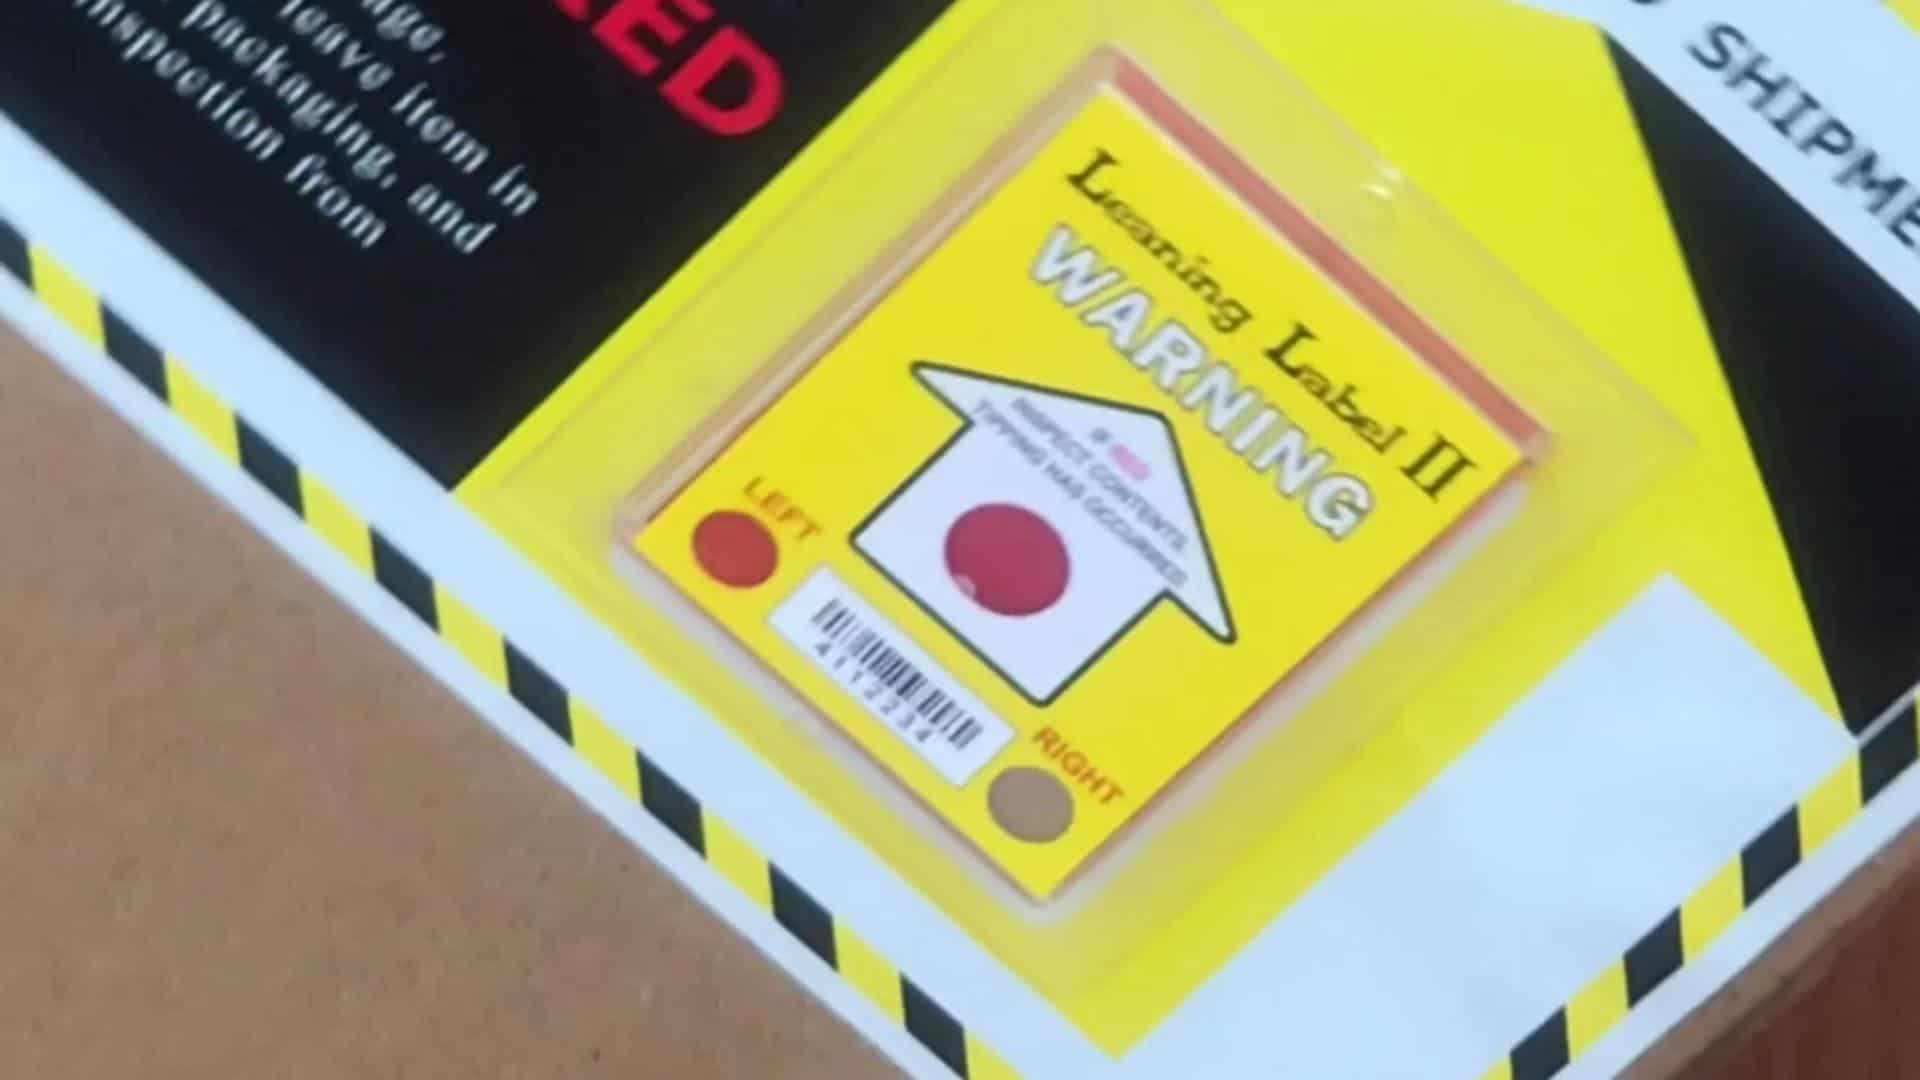 2 Step►How to Select Tilt Label? Enforce This Side Up, Do Not Tilt